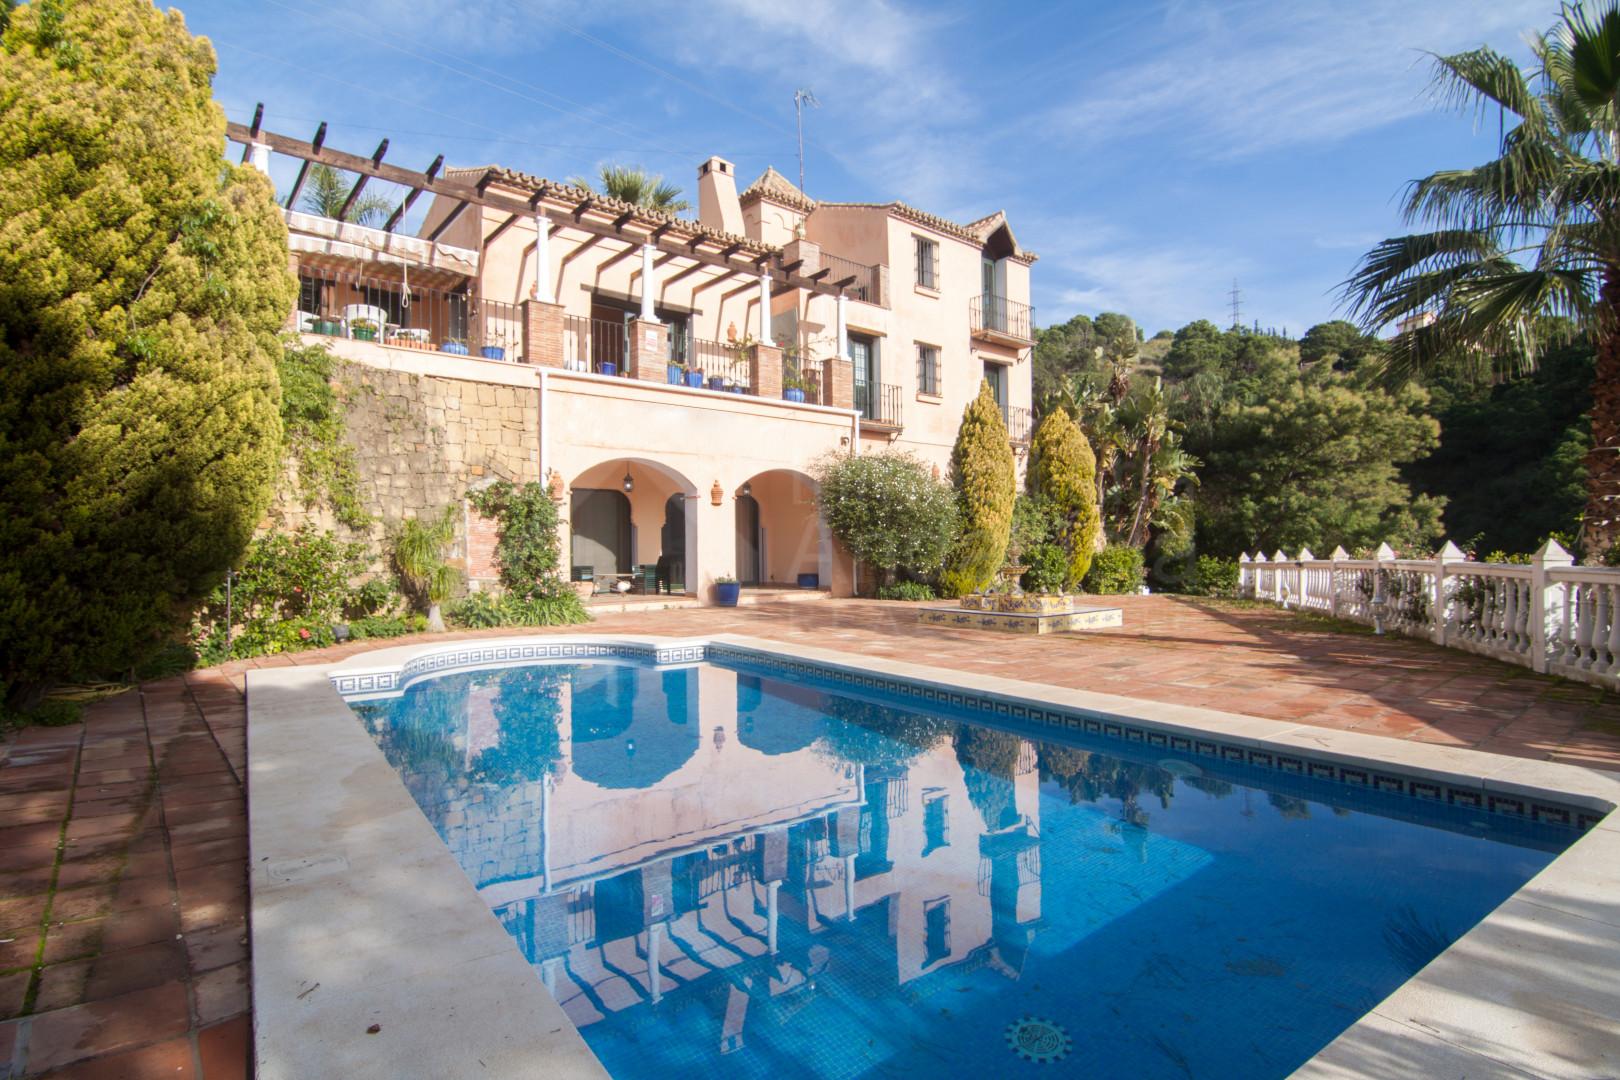 Villa de cuatro dormitorios en venta con vistas al mar en Los Reales, Estepona